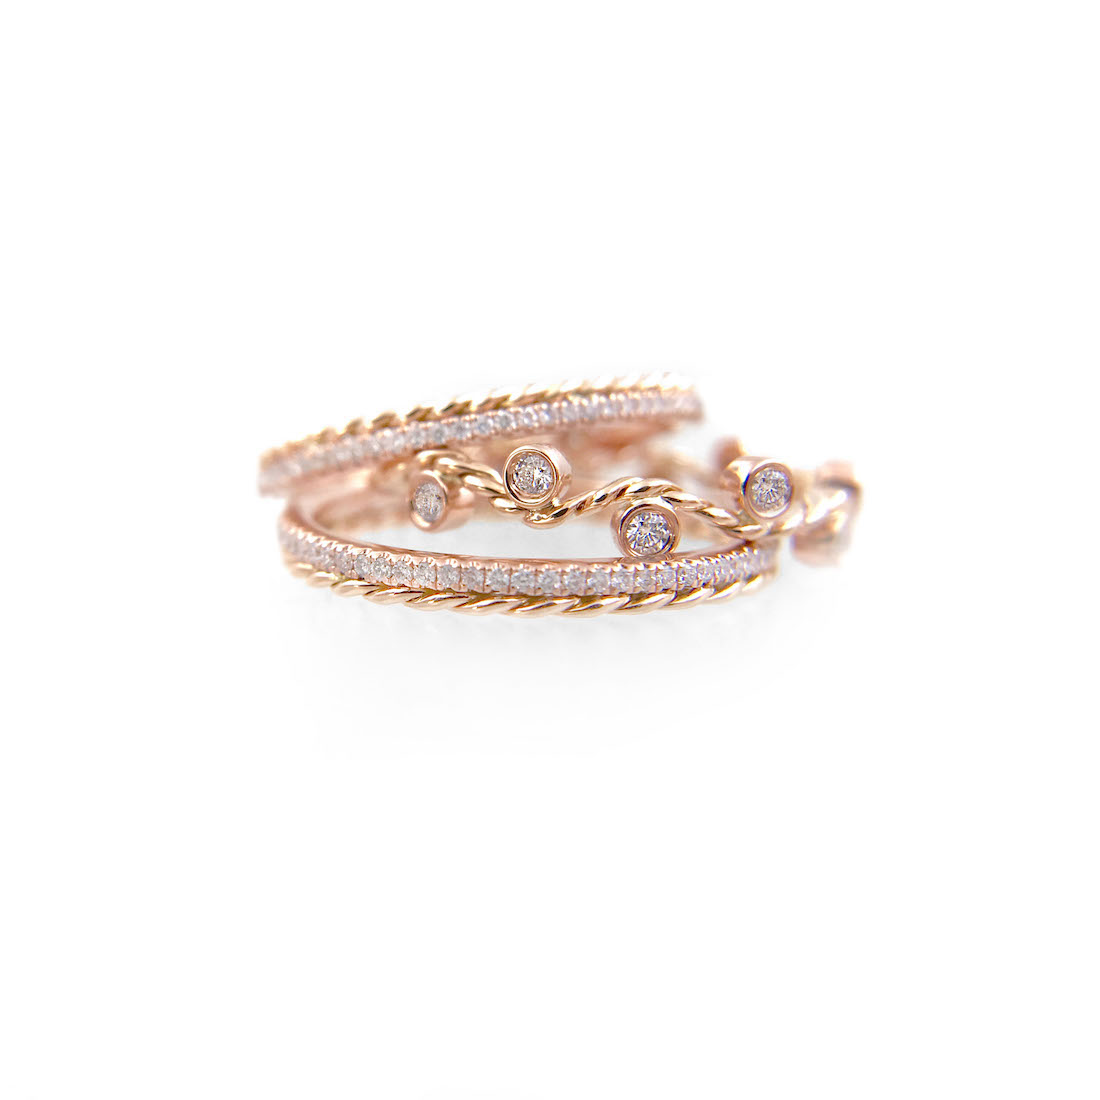 BM3-14-6-14-Wavy-Twist-ENLACE-CHIC-SHEEN-Gold-Crown-Ring-Stacking-Set-14k-18k_2075